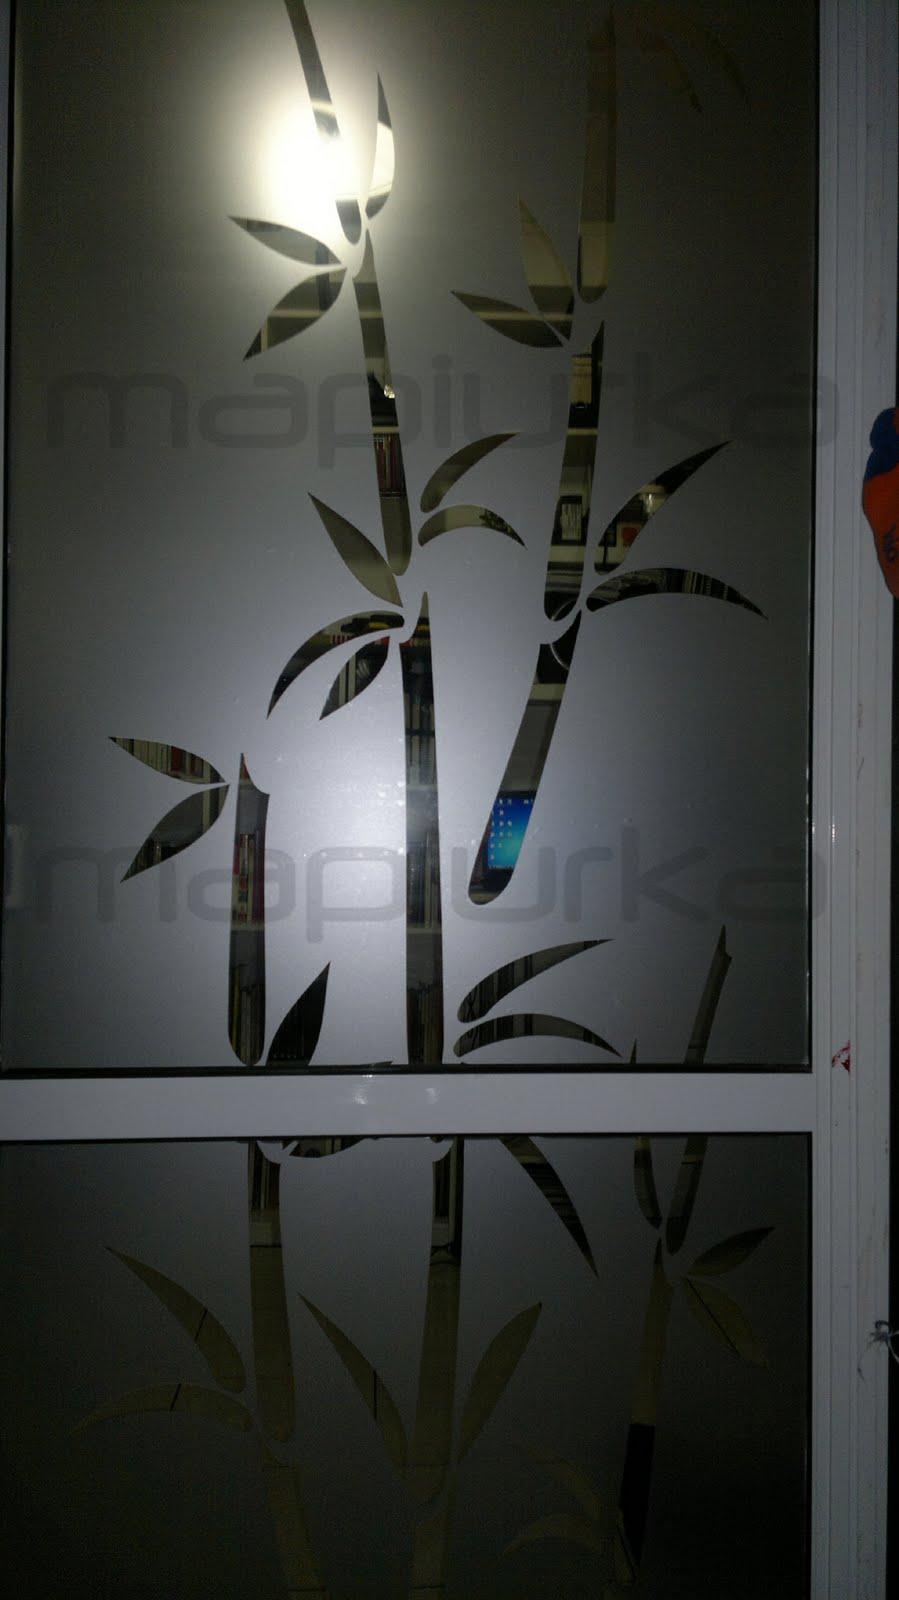 Puertas De Baño Feel:Mapiurka – Adhesivos Decorativos BA: Esmerilado con diseño oriental